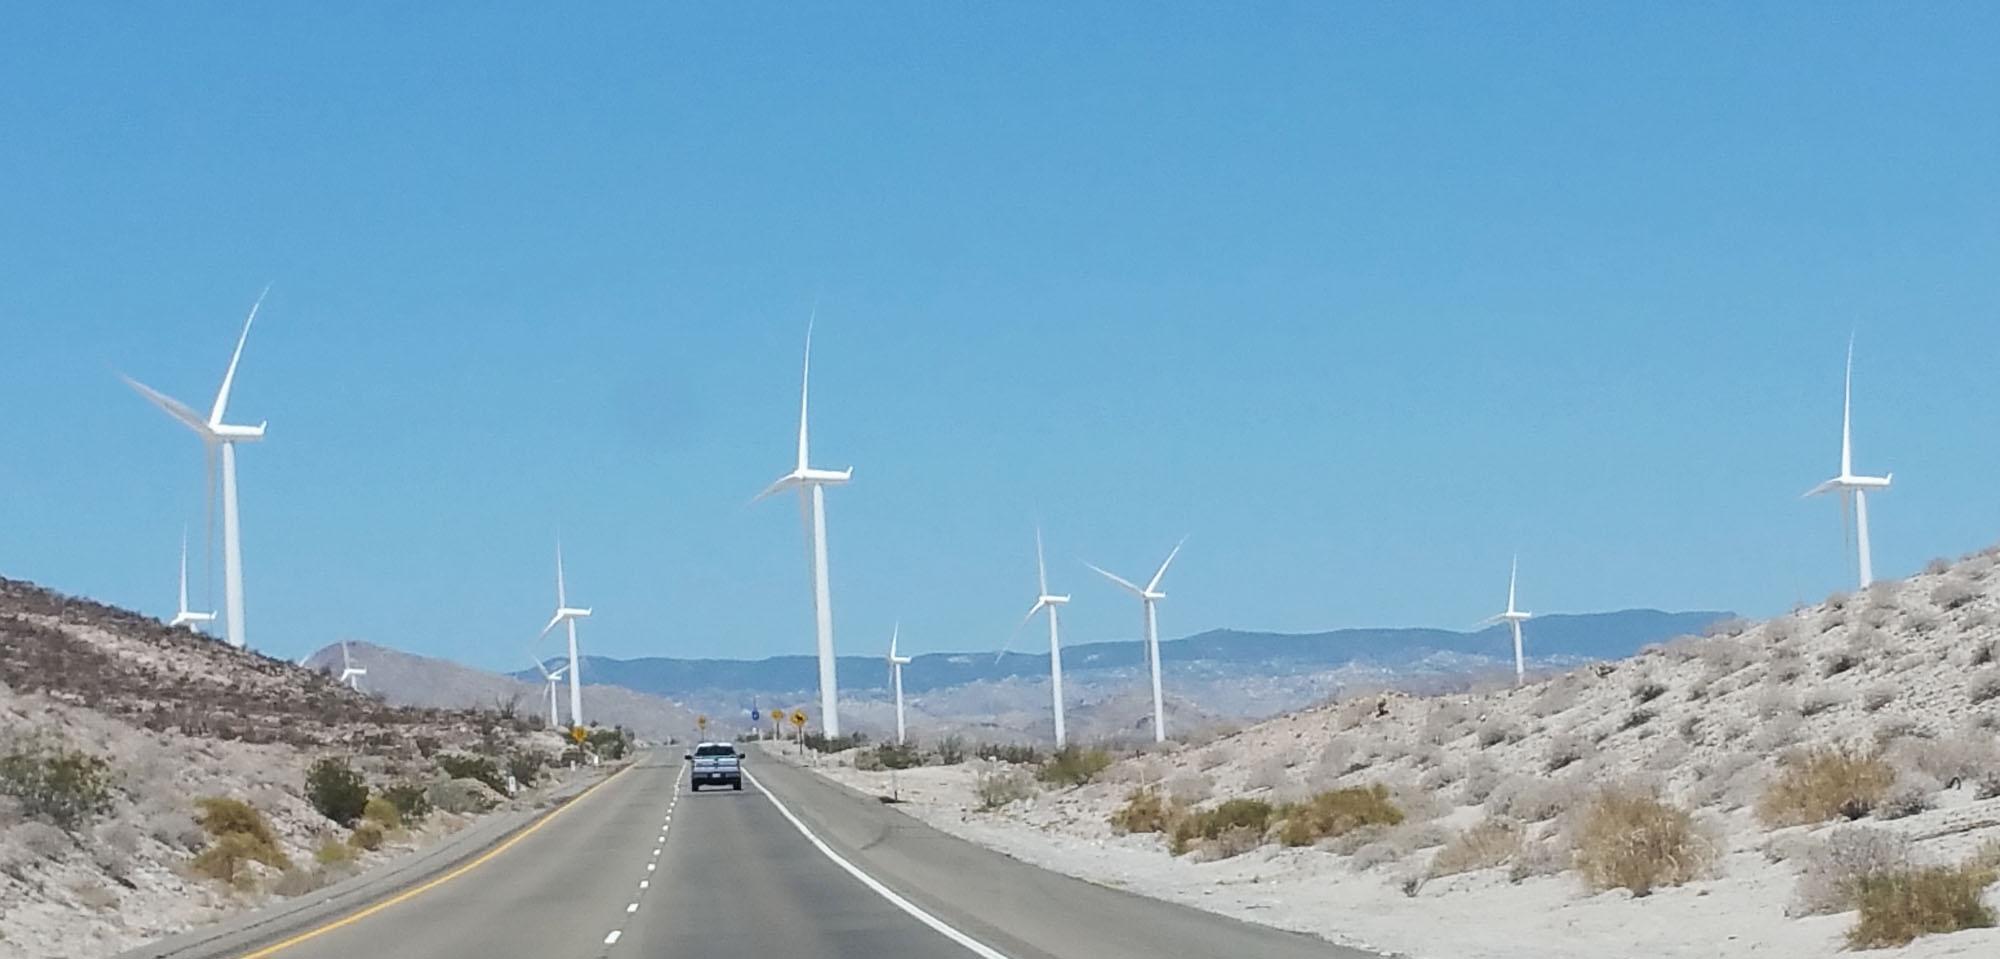 windmill-farm-california